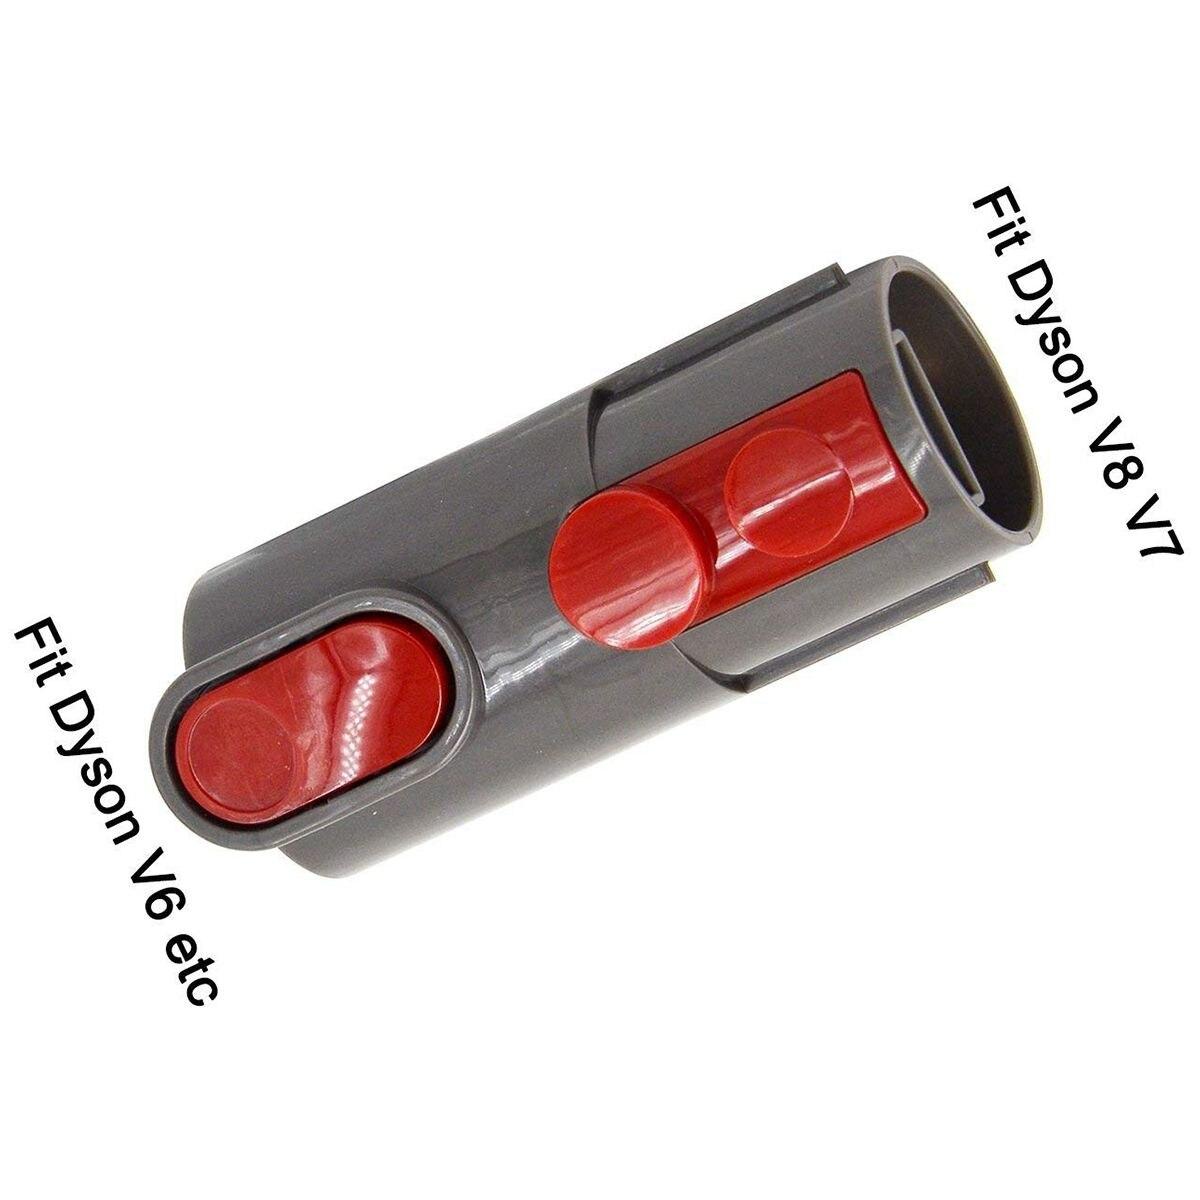 New to Alt Fit Tool Adapter Converter Kit for Dyson V6 V7 V10 V10 SV10 SV11 Cordless Vacuum Cleaner GiftNew to Alt Fit Tool Adapter Converter Kit for Dyson V6 V7 V10 V10 SV10 SV11 Cordless Vacuum Cleaner Gift